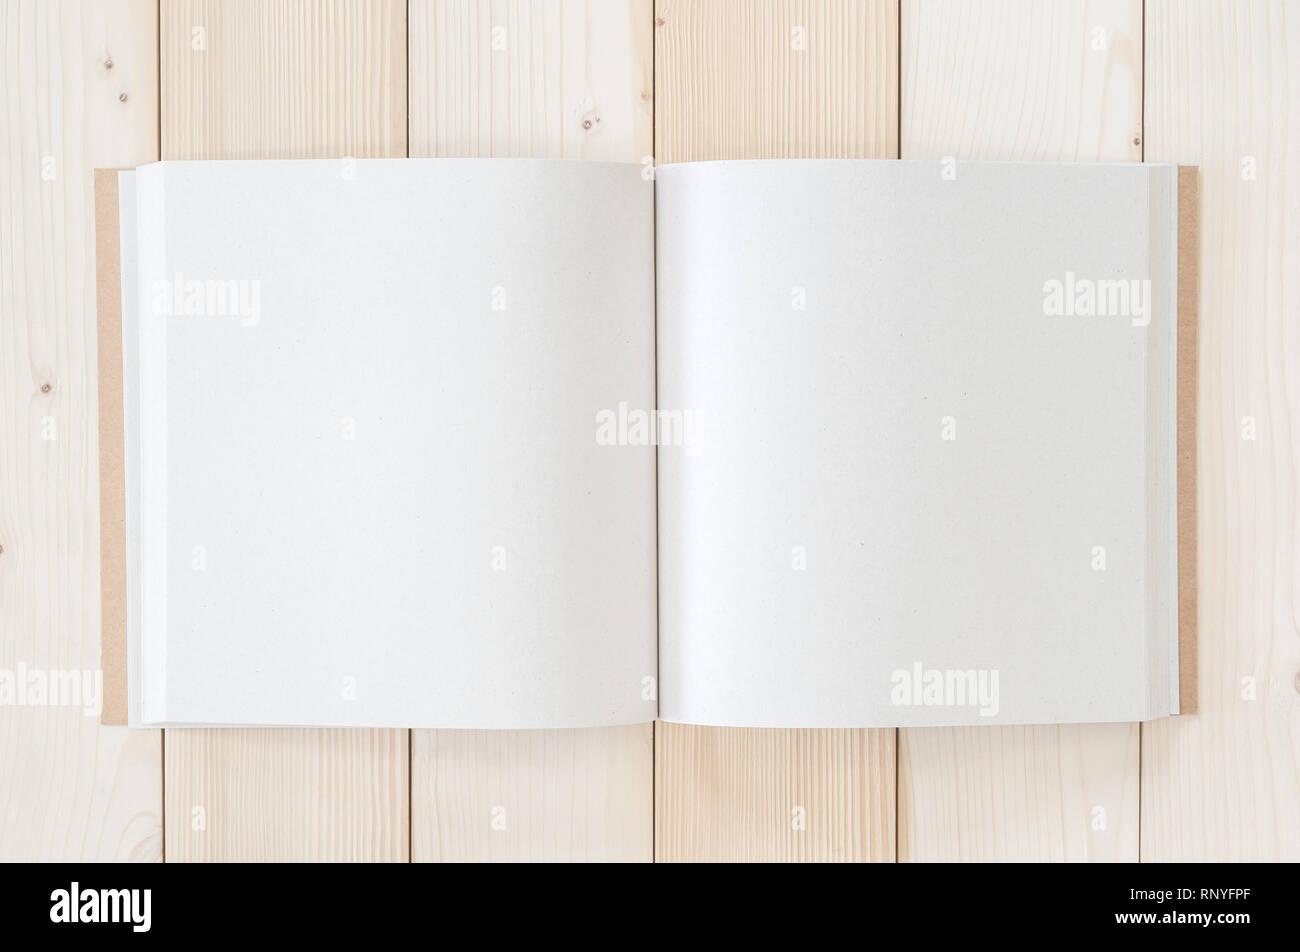 Vide poche ouverte livre square-size, catalogue, brochure, magazine modèle maquette note paper texture copyspace sur bois de pin blanc 24 Tableau Photo Stock